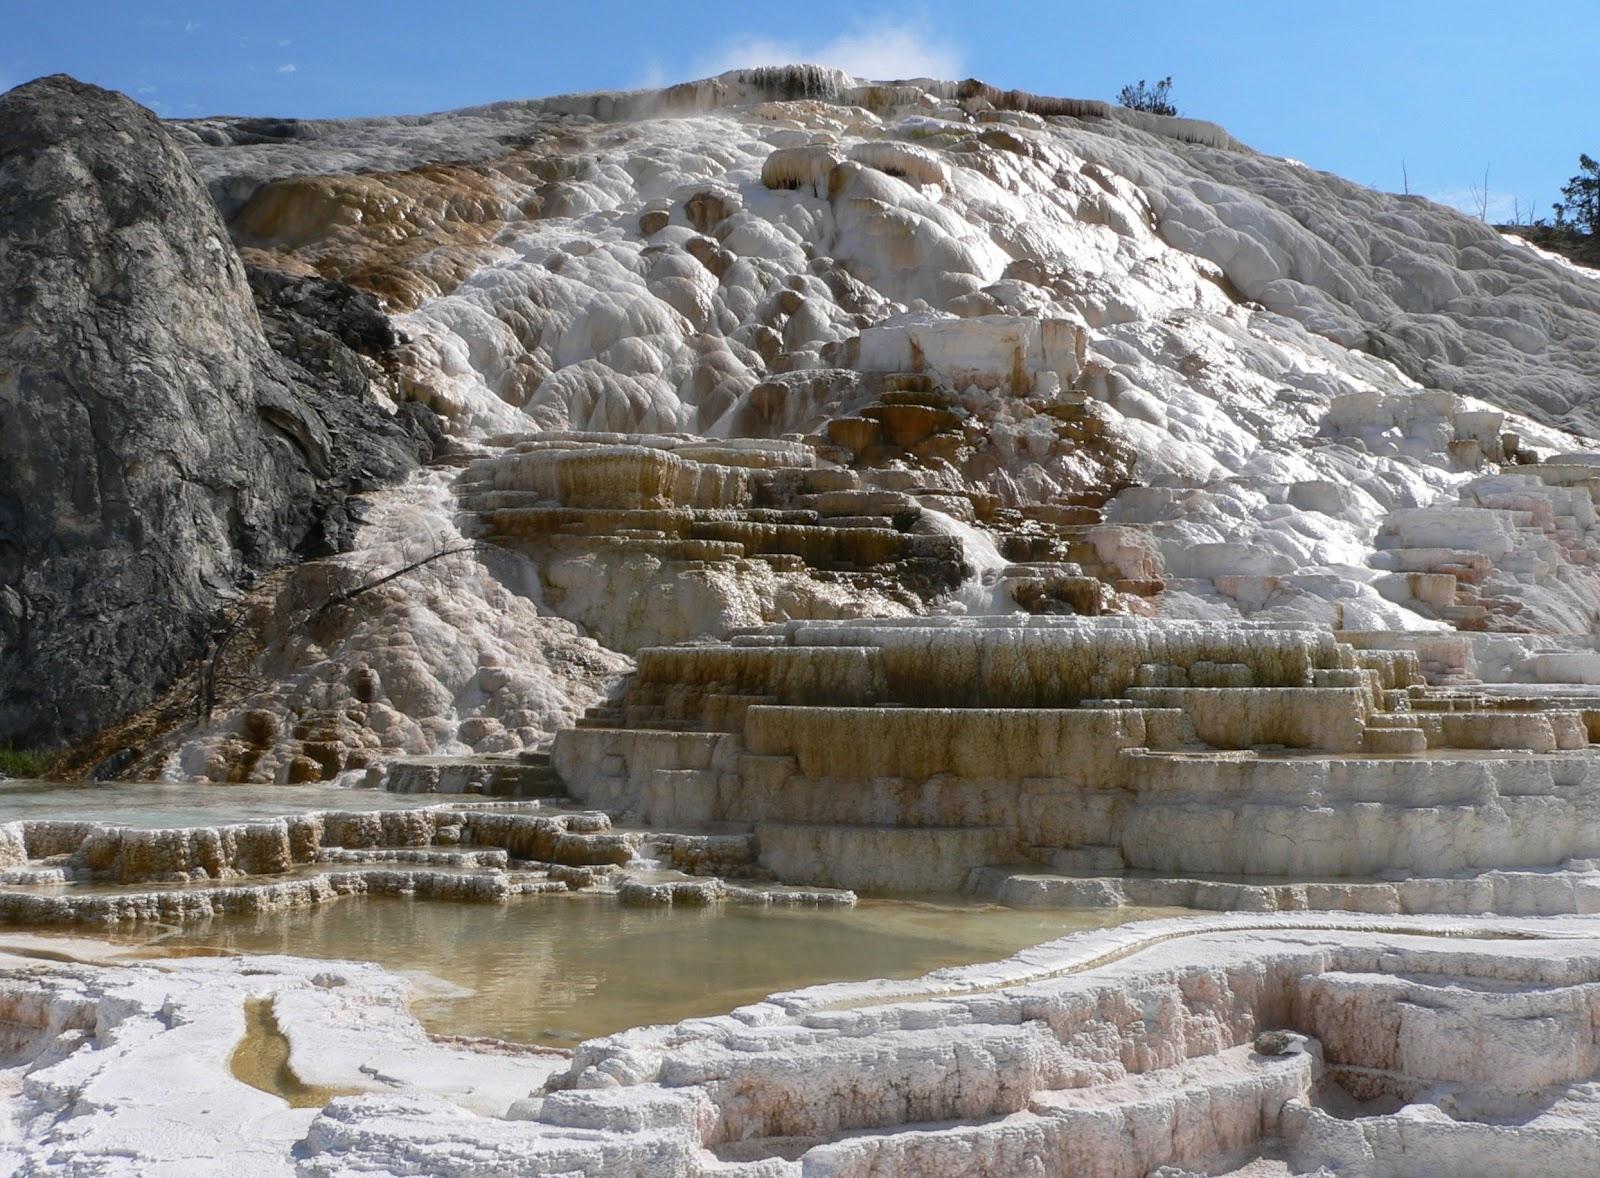 http://3.bp.blogspot.com/-CaxD08QtkhY/T3InLhnCbeI/AAAAAAAACyw/H1Z1nNHaNuk/s1600/yellowstone_pictures_wallpaper_5.jpg